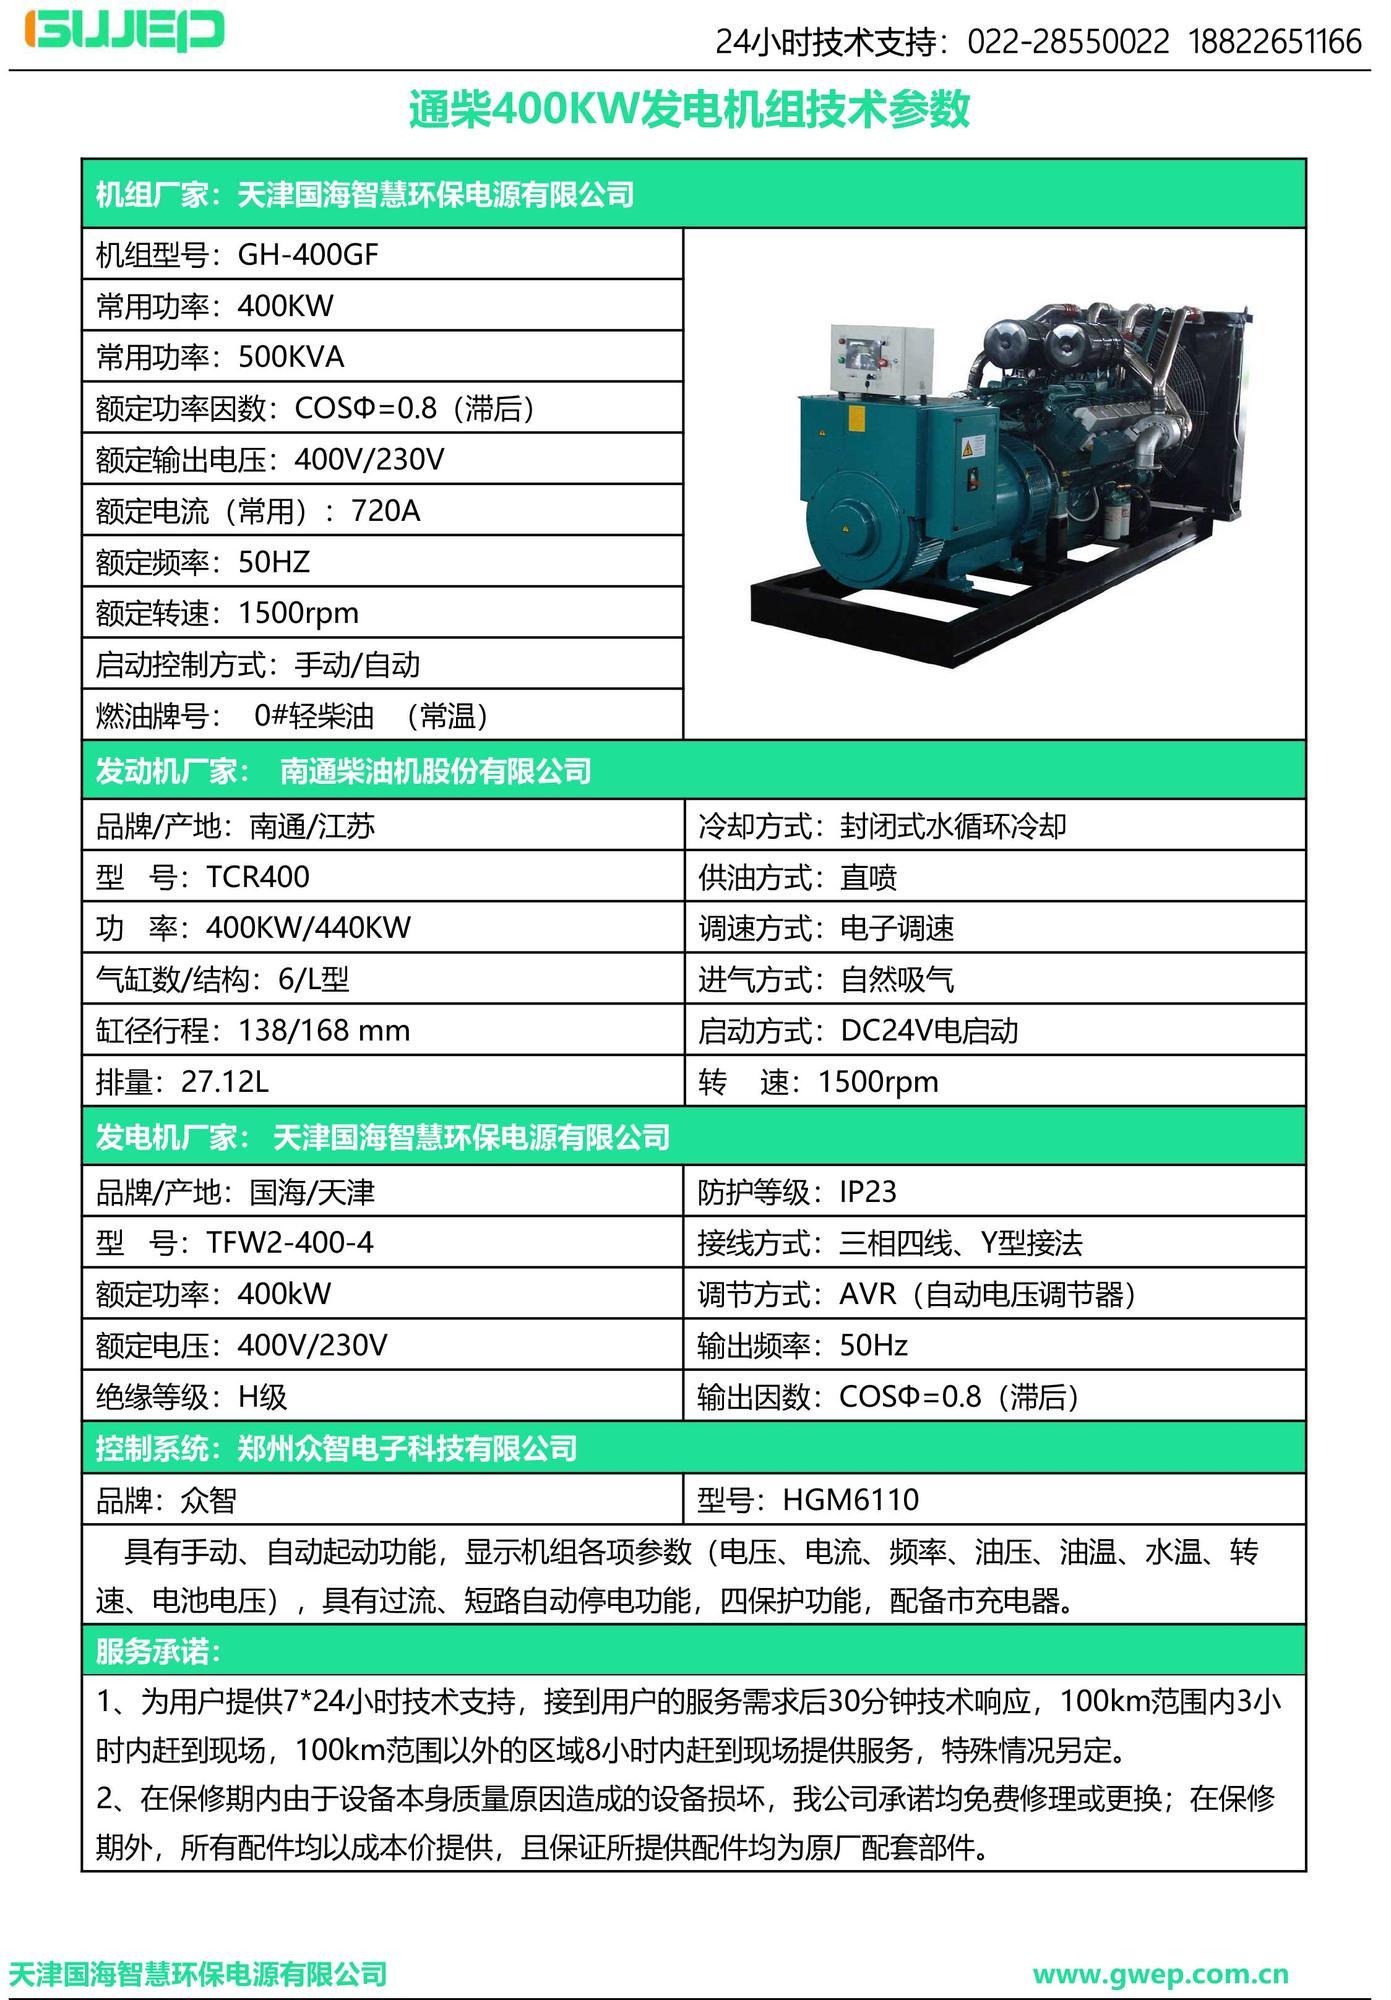 通柴400KW发电机组技术资料-2.jpg